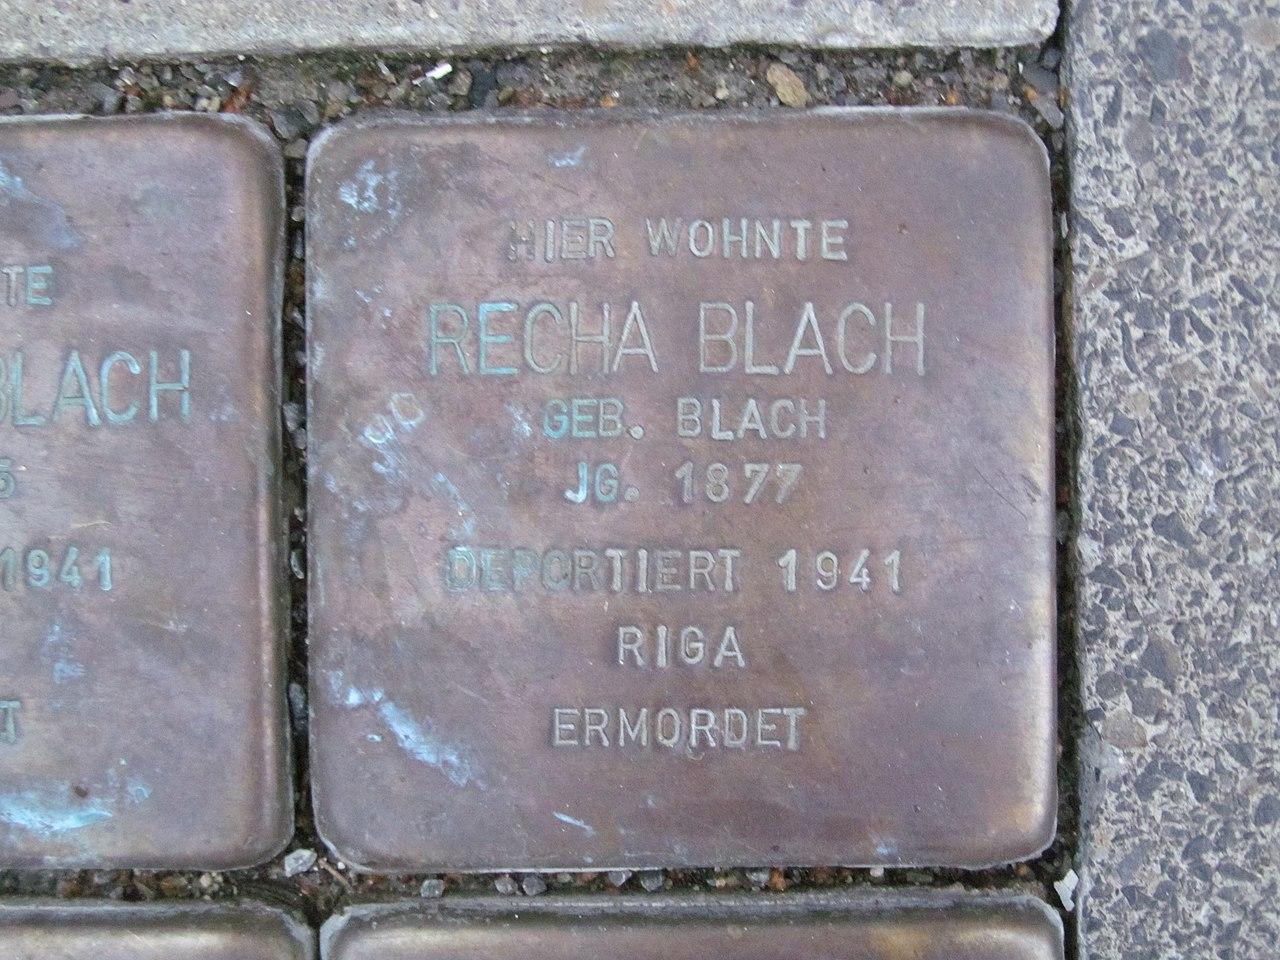 der Stolperstein für Recha Blach